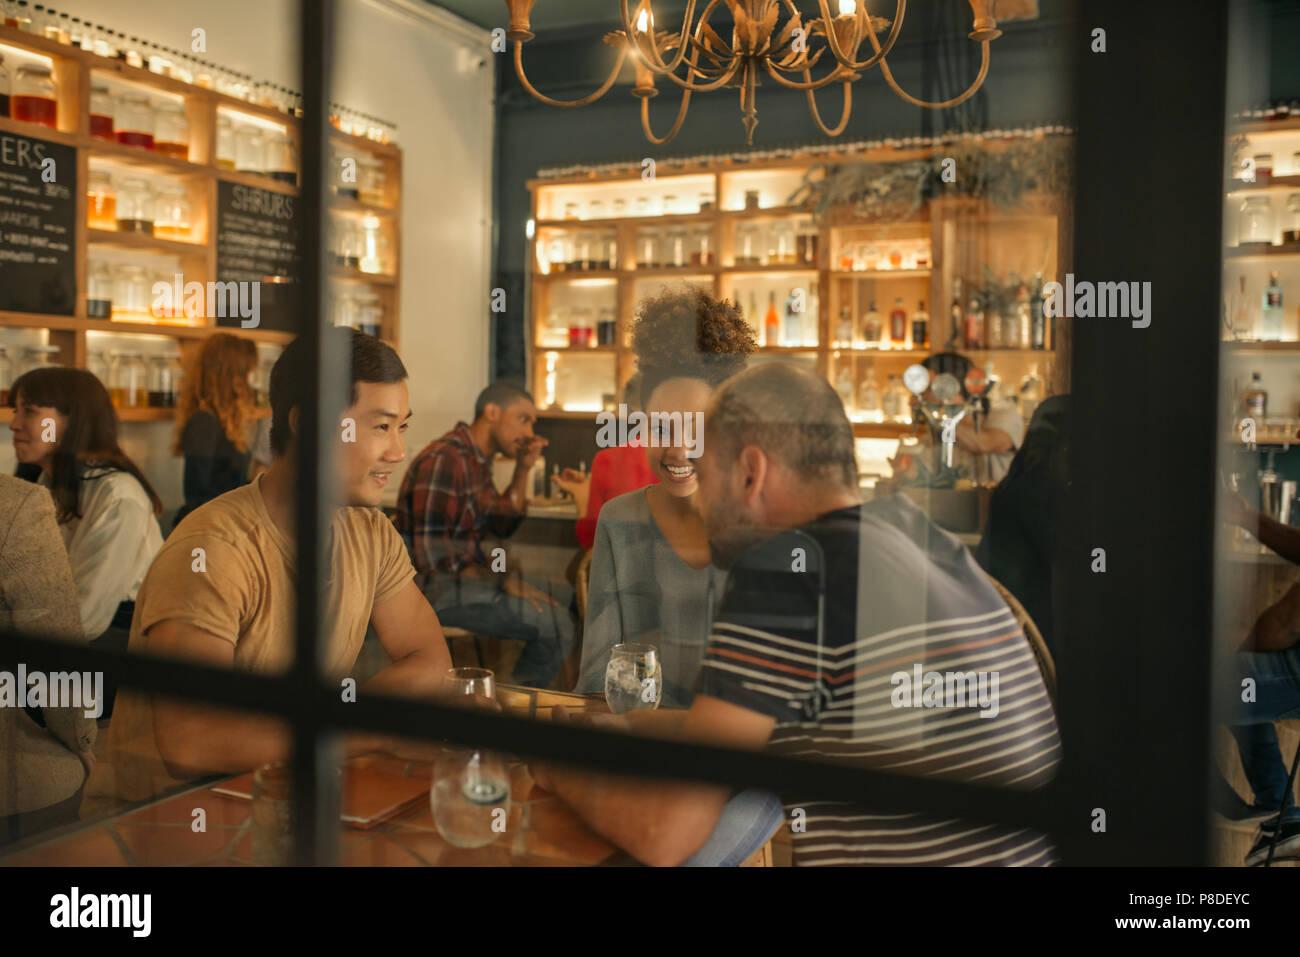 Sonriente joven amigos sentado en un bar bebiendo juntos Imagen De Stock